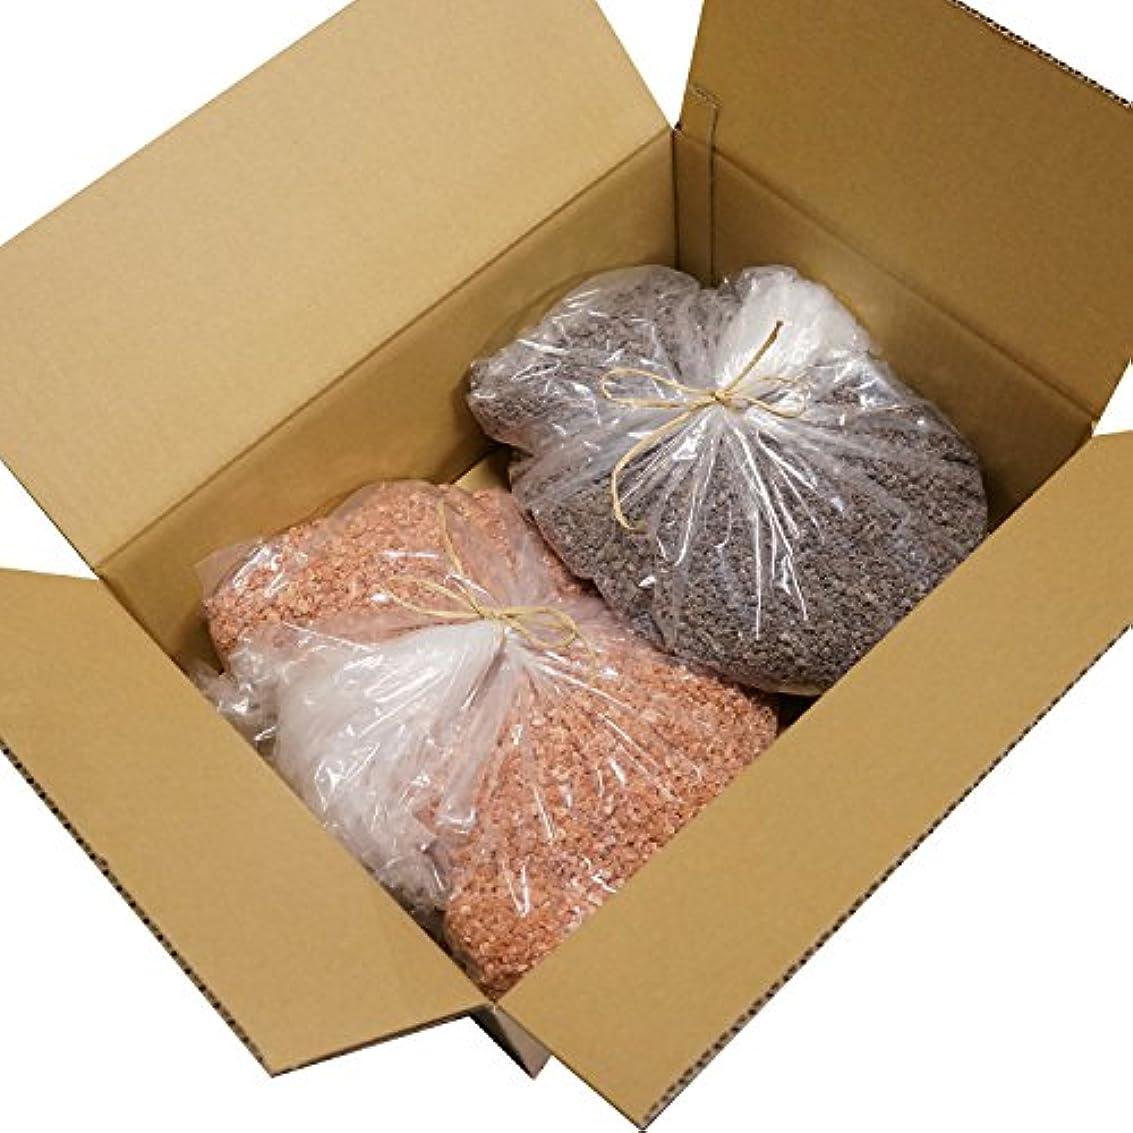 略奪リスク寛容なヒマラヤ岩塩 ピンク ブラック グレイン 各 10,000g 20kg 粗粒 ミル 原料